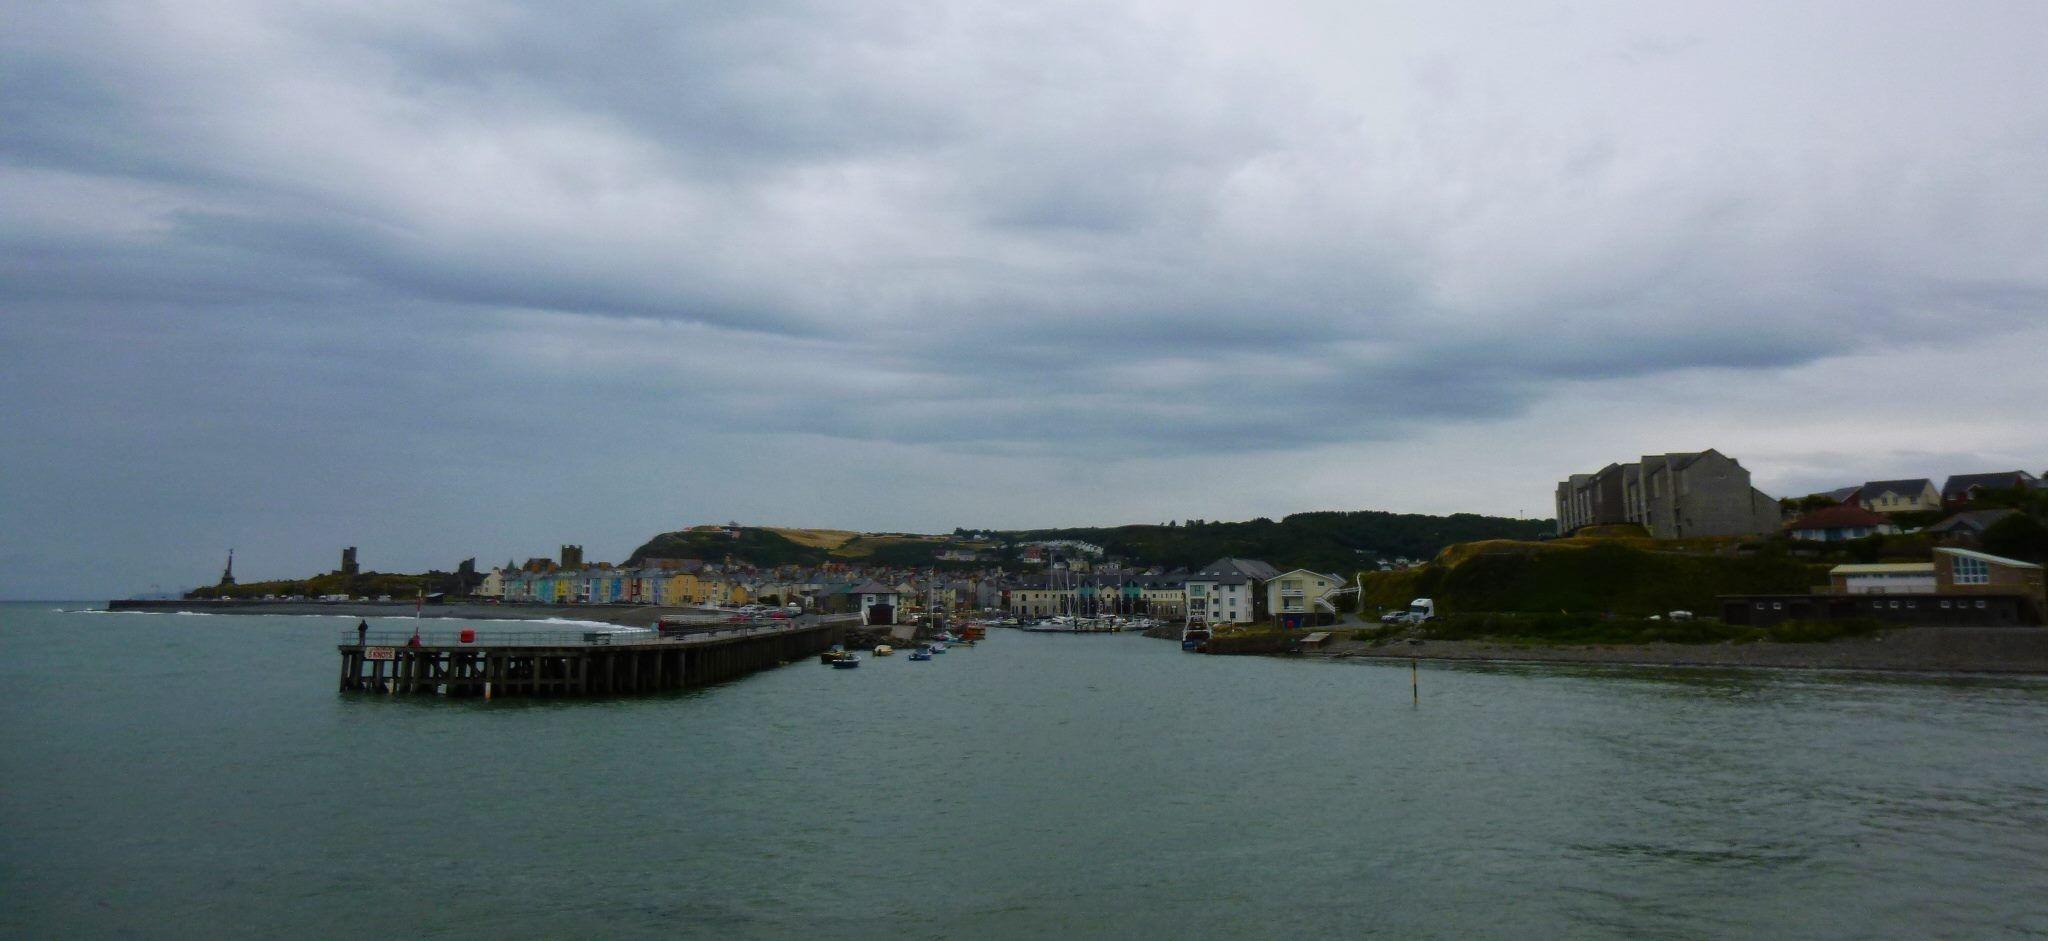 aberystwyth by chris.adams.3557